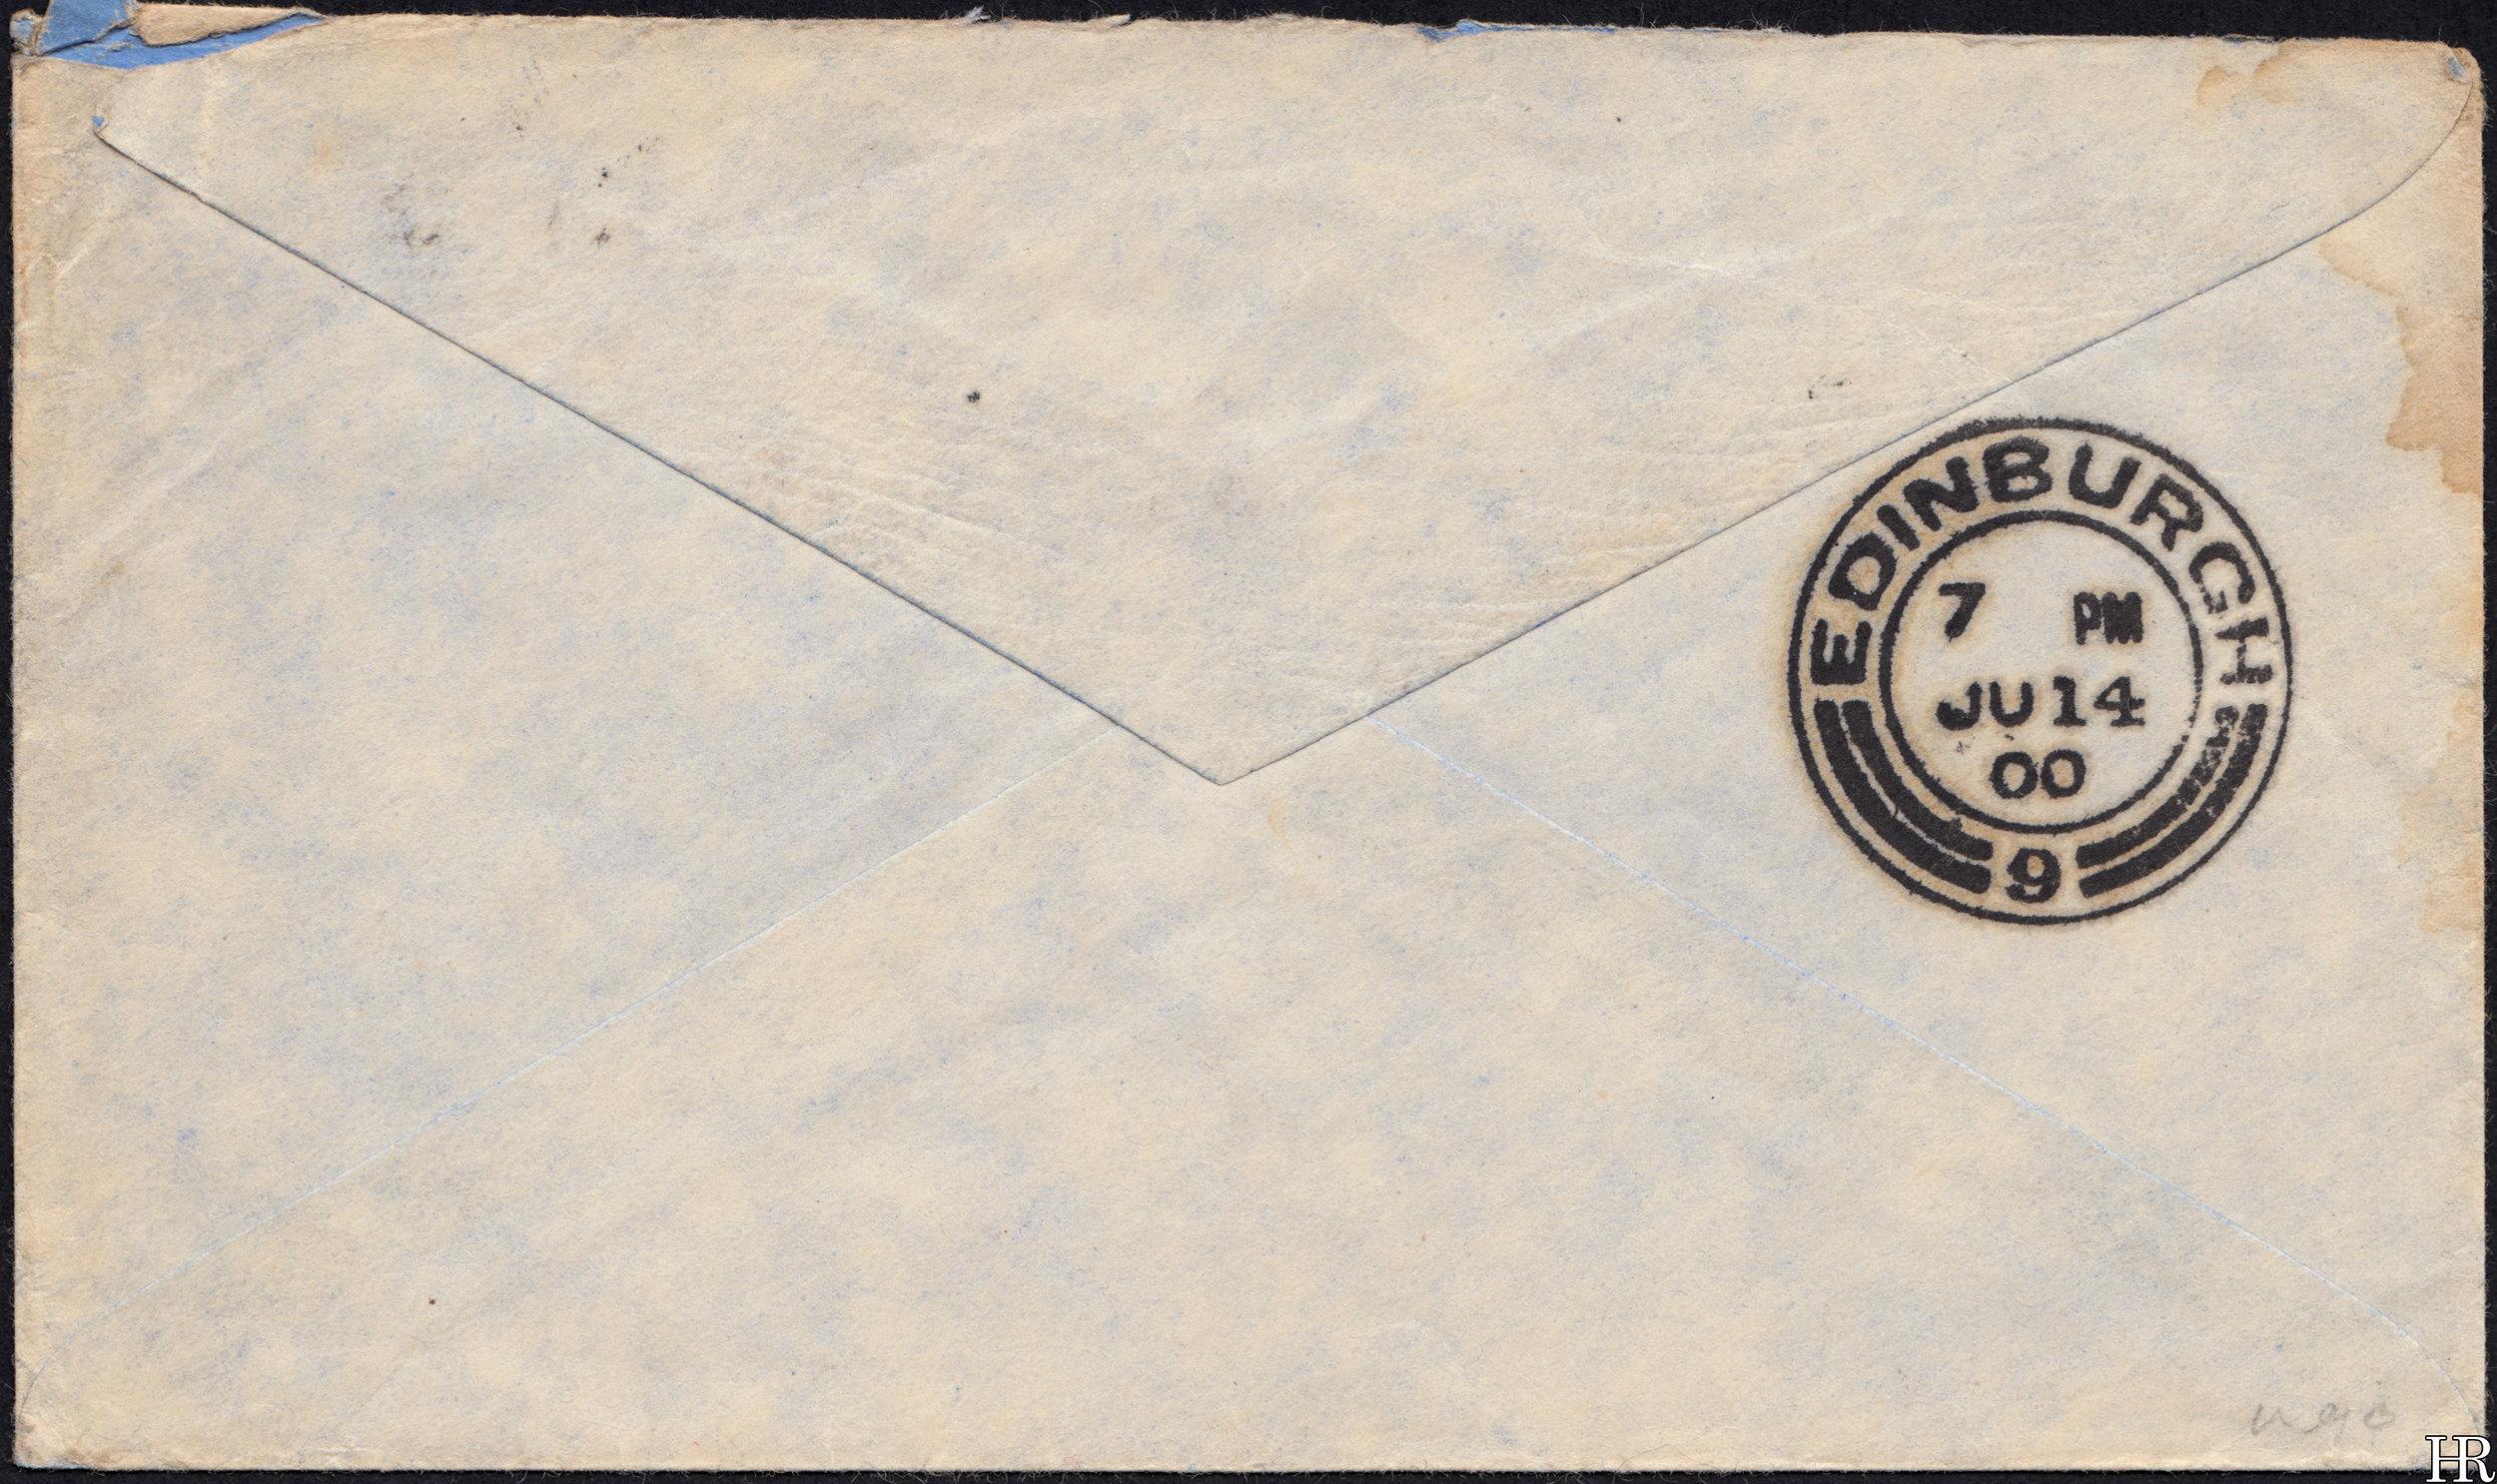 C-IRAQ-1900-Baghdad-1b.jpg